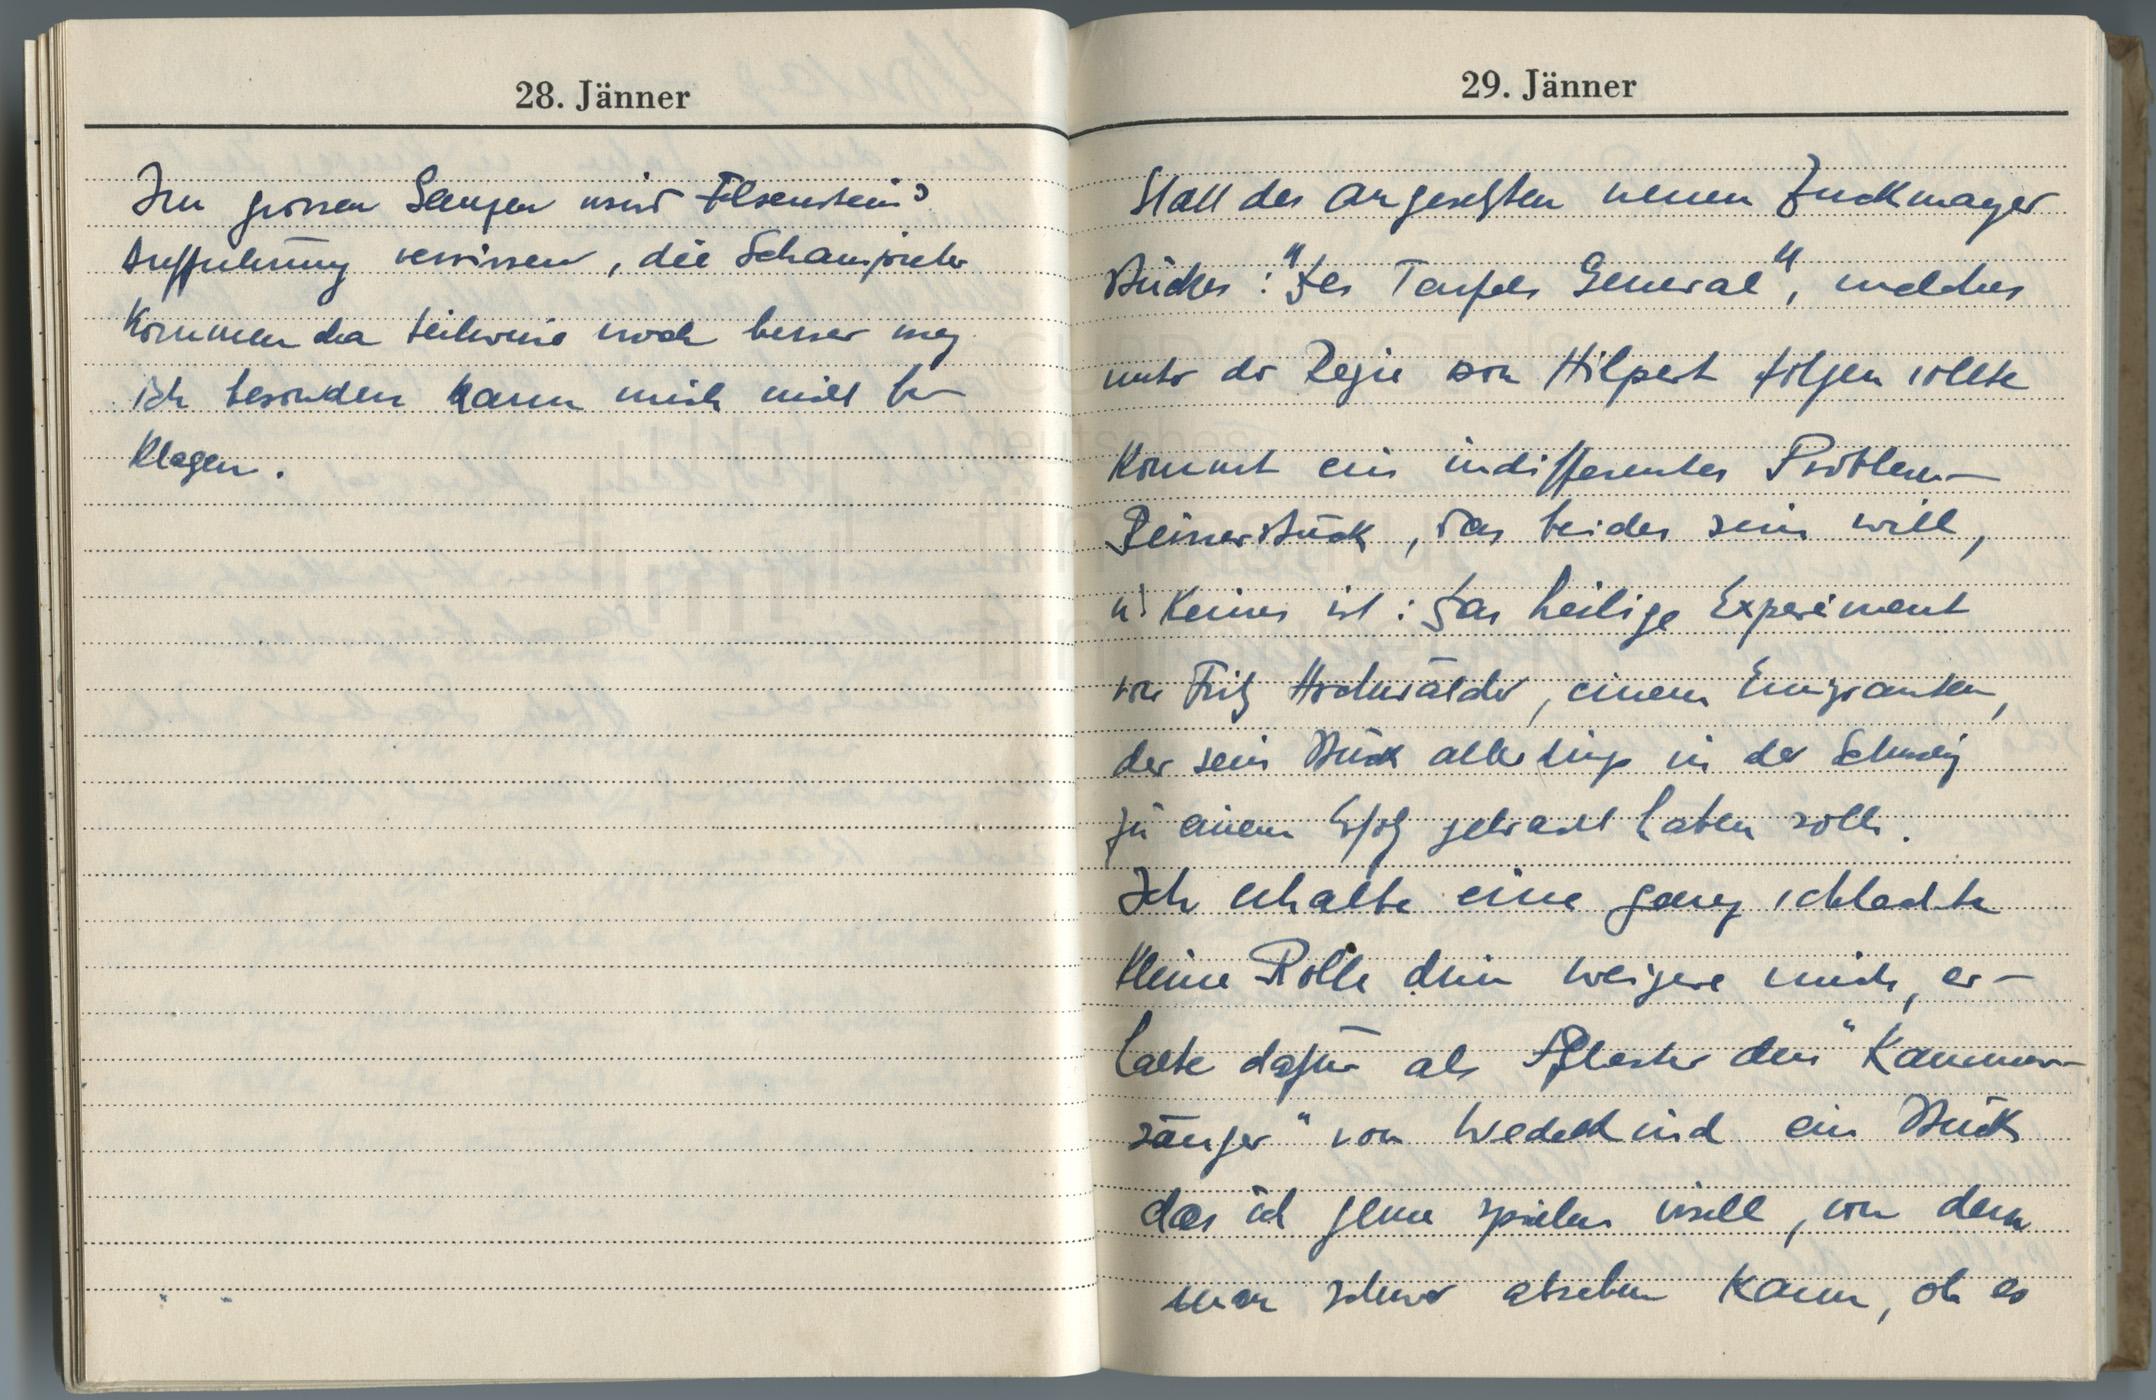 Tagebucheintragungen vom 29.1. bis 31.1.1947